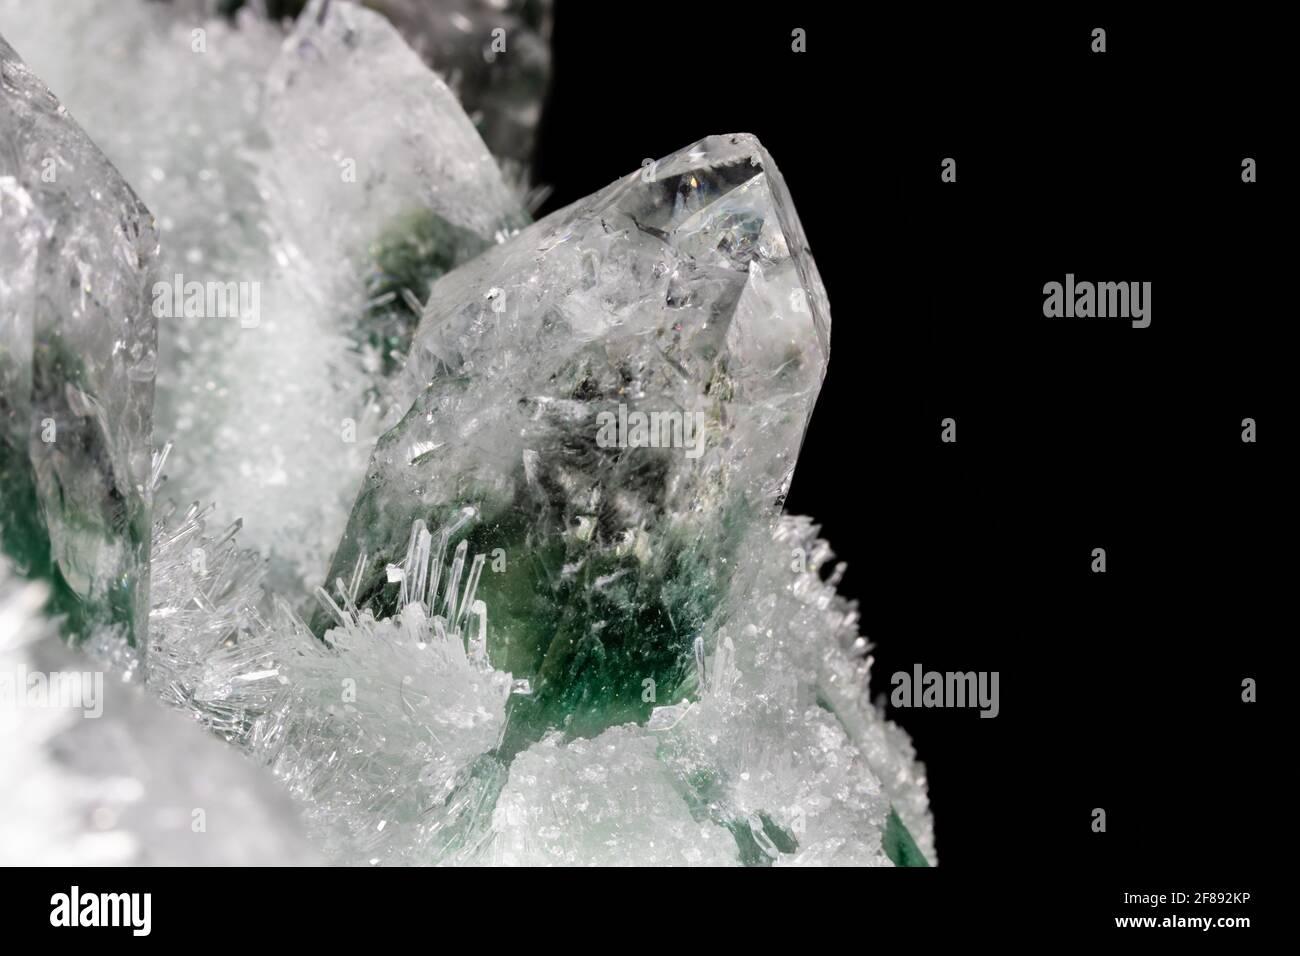 Cristales de cuarzo clorados del Himalaya. Los cristales más grandes, de color verde y blanco, están rodeados por cientos de pequeños cristales Foto de stock